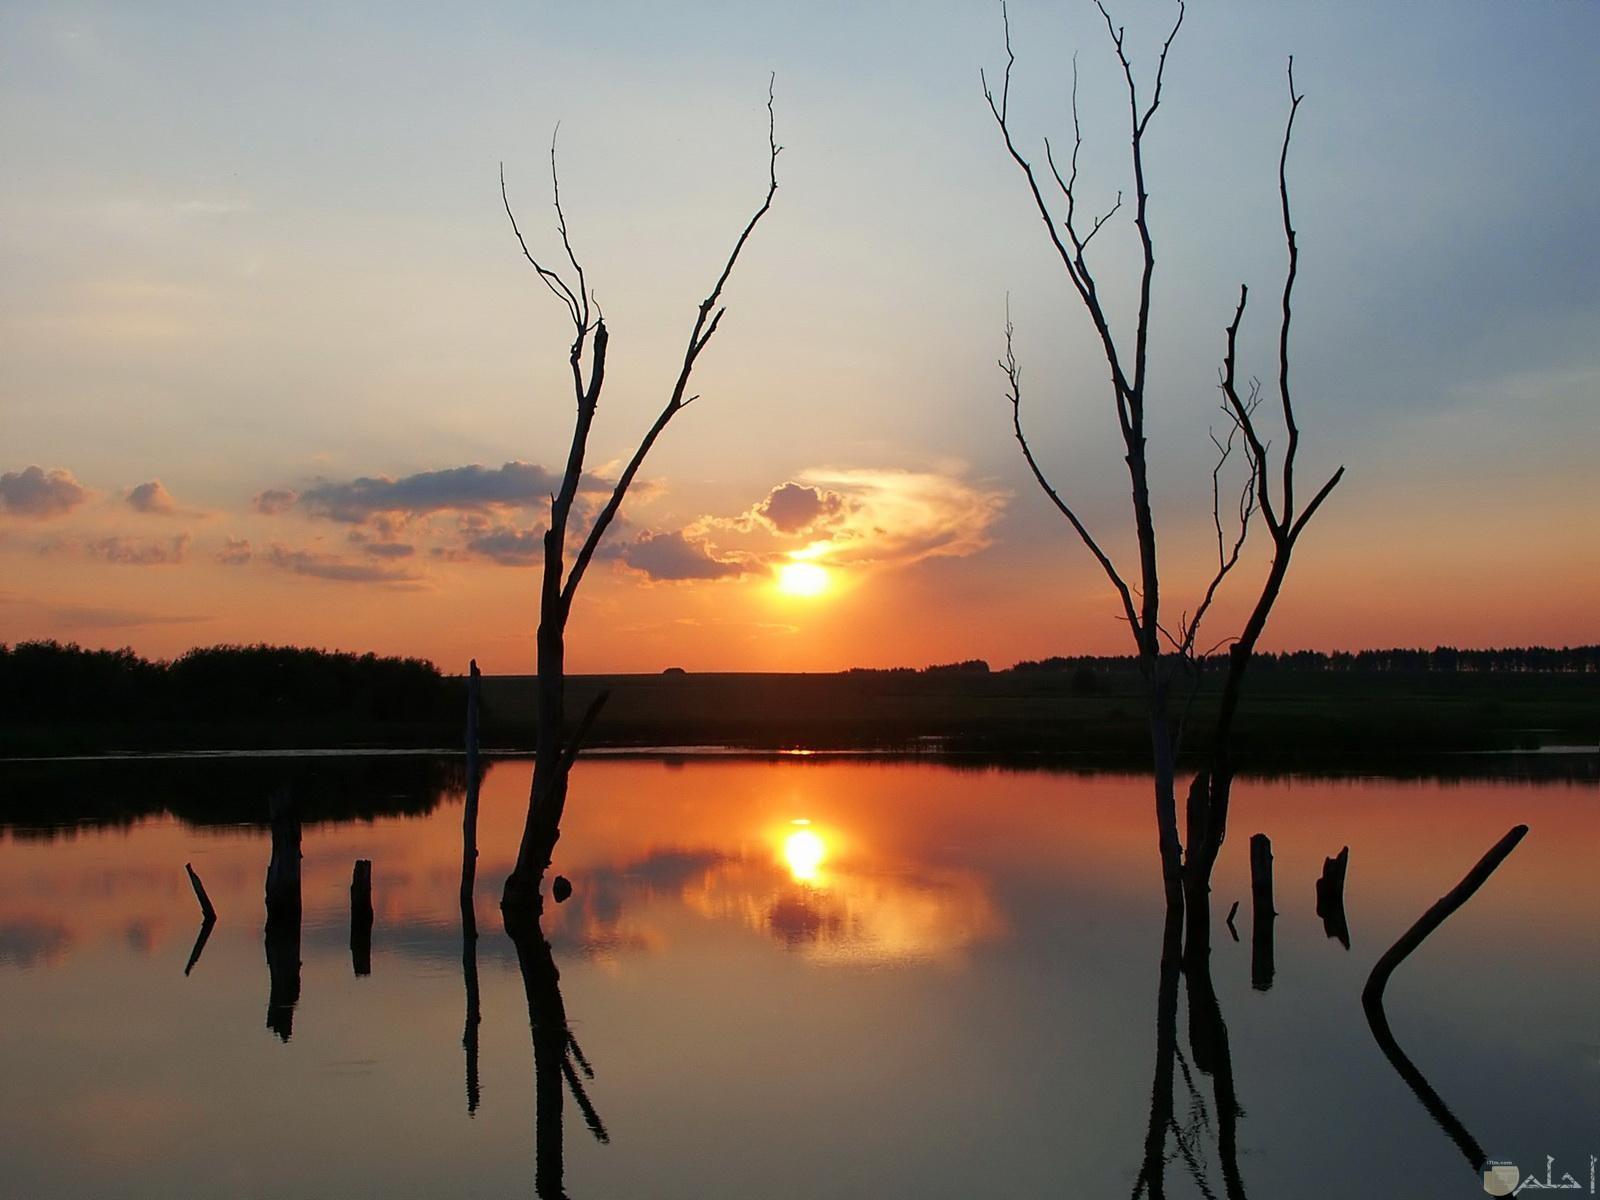 الشمس و مرآة المياه للشجر.